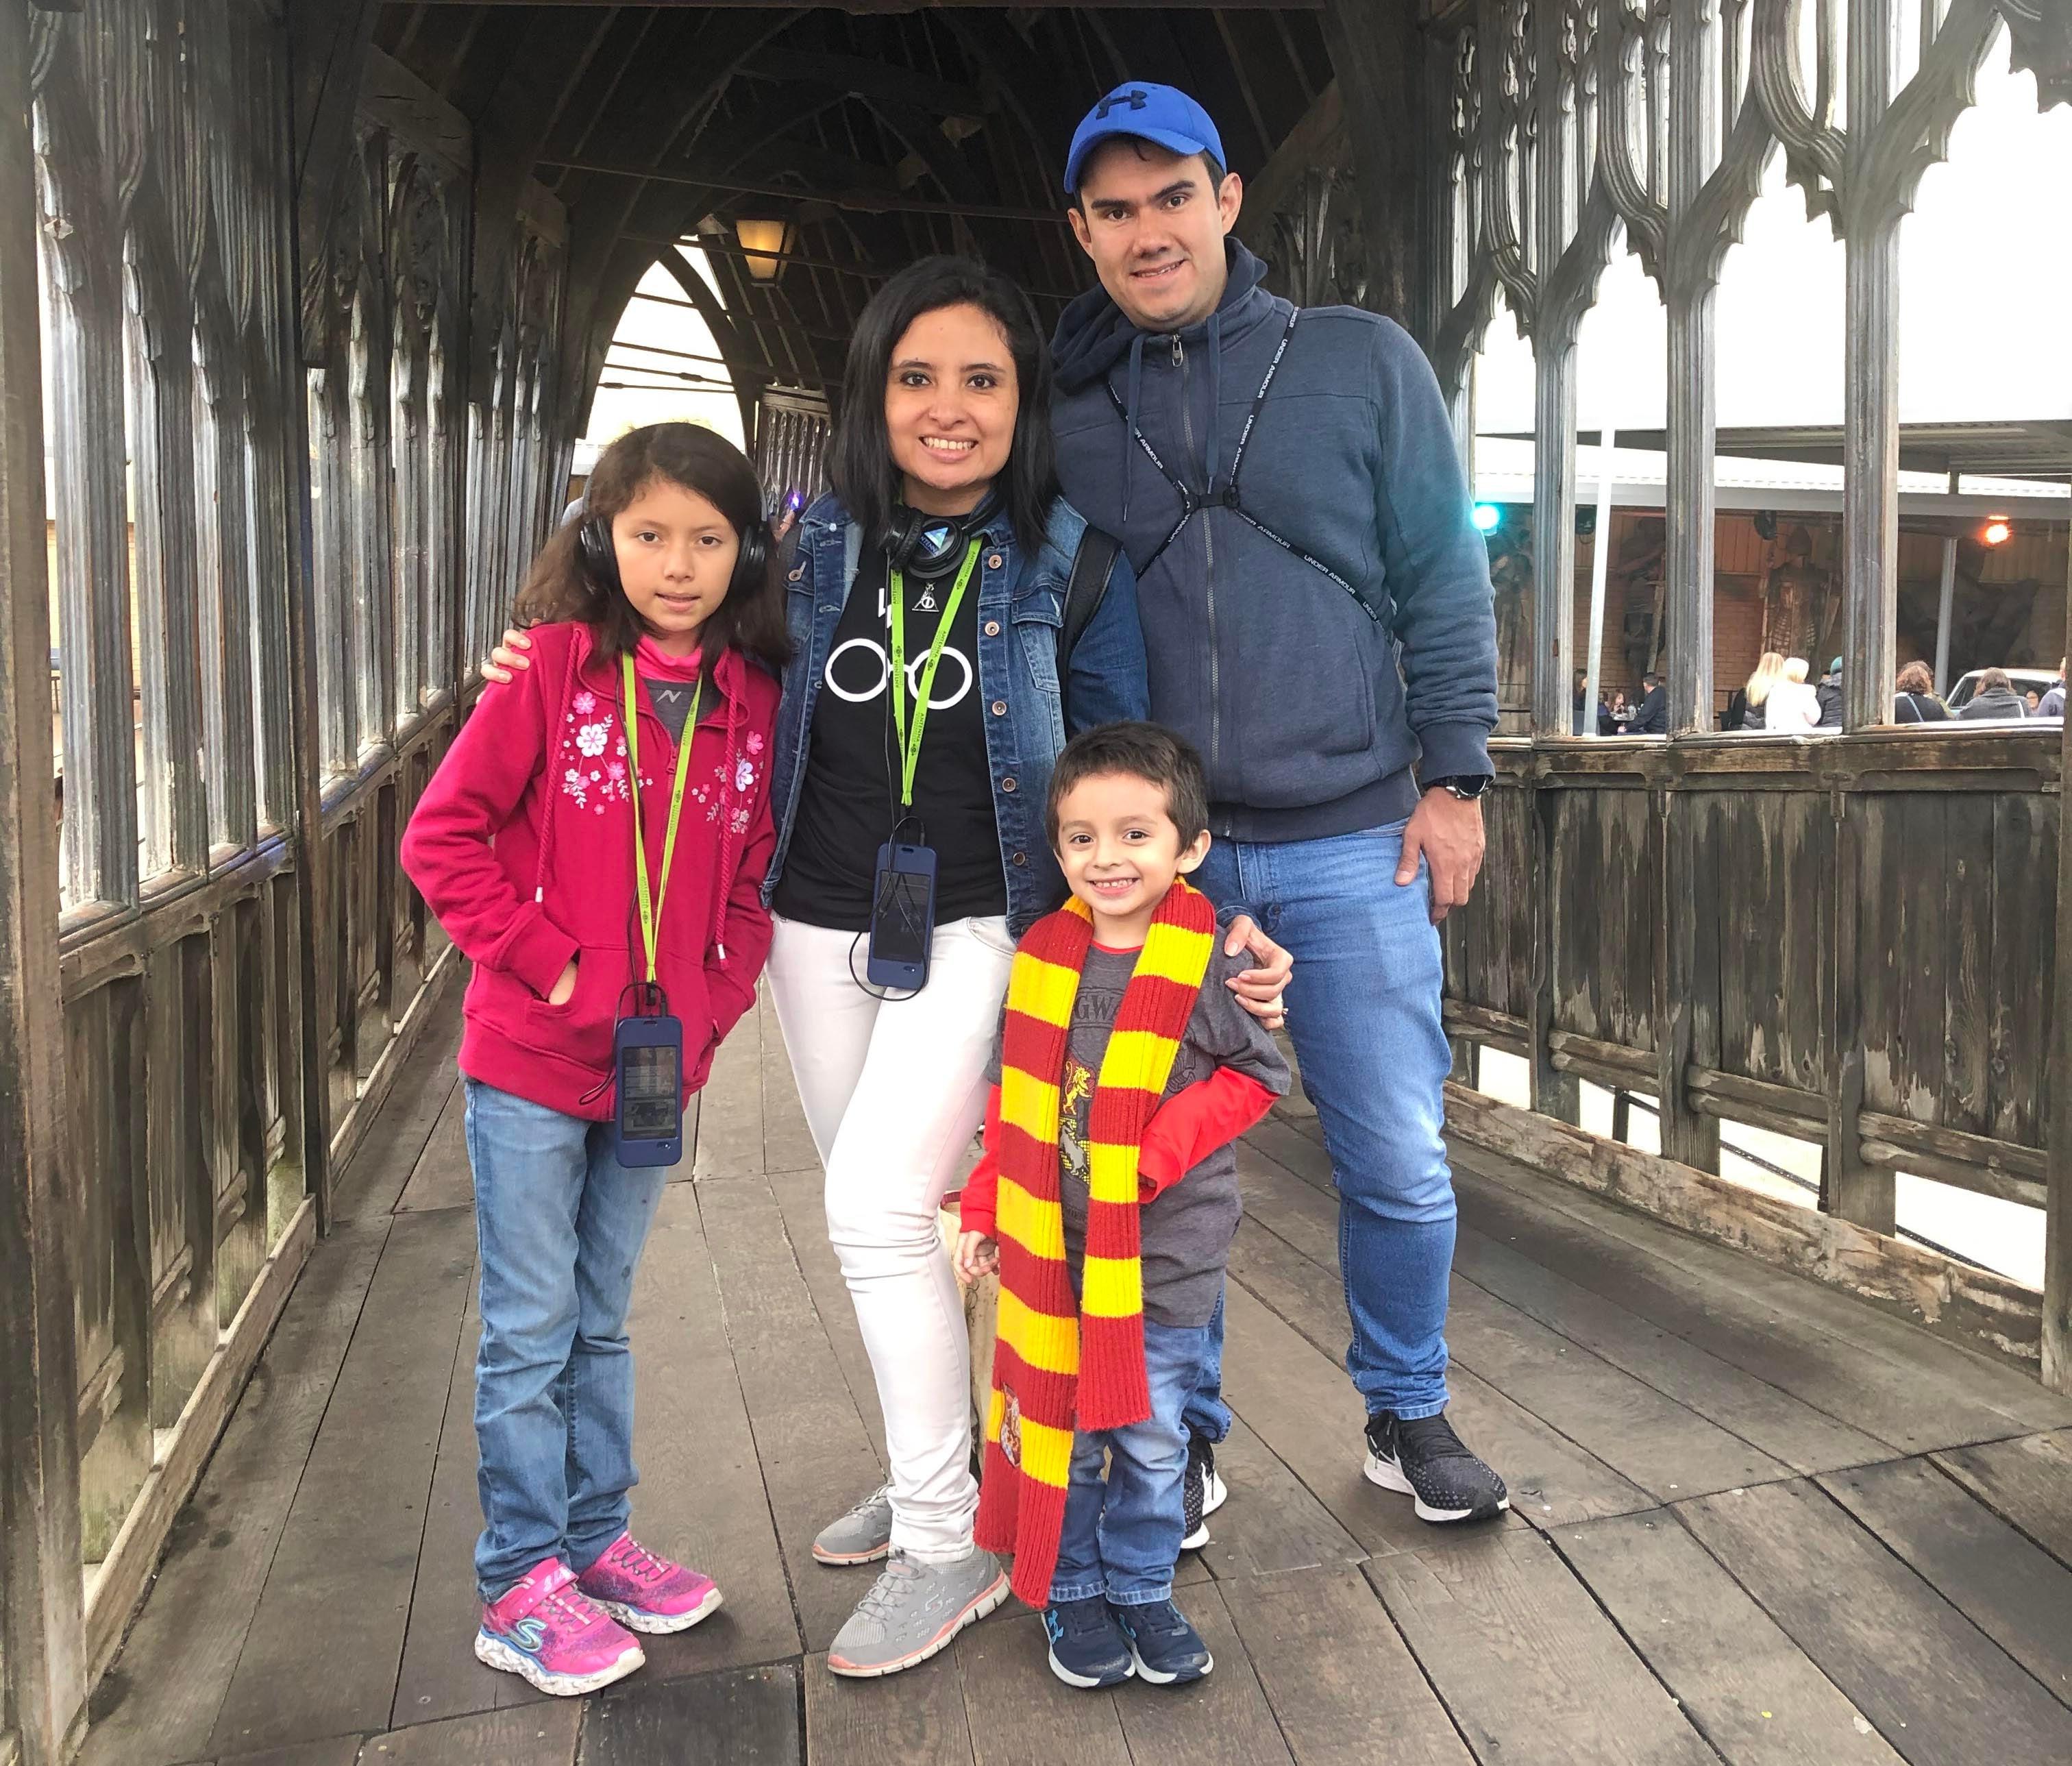 Ivina & Family on Bridge